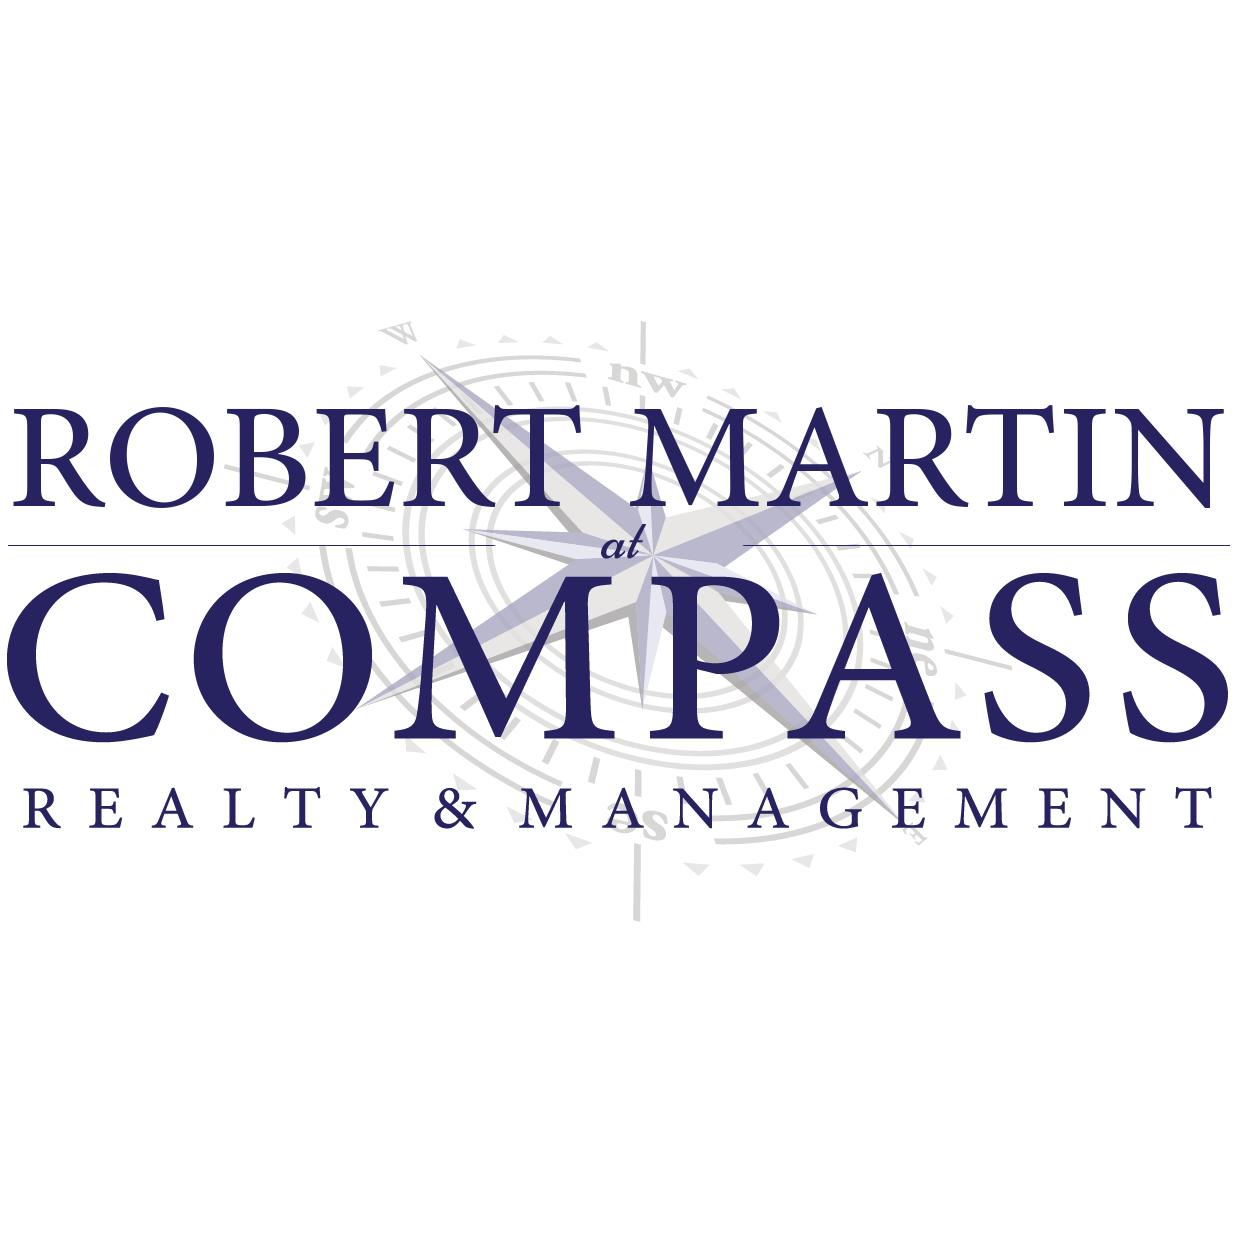 Robert Martin - Compass Realty & Management